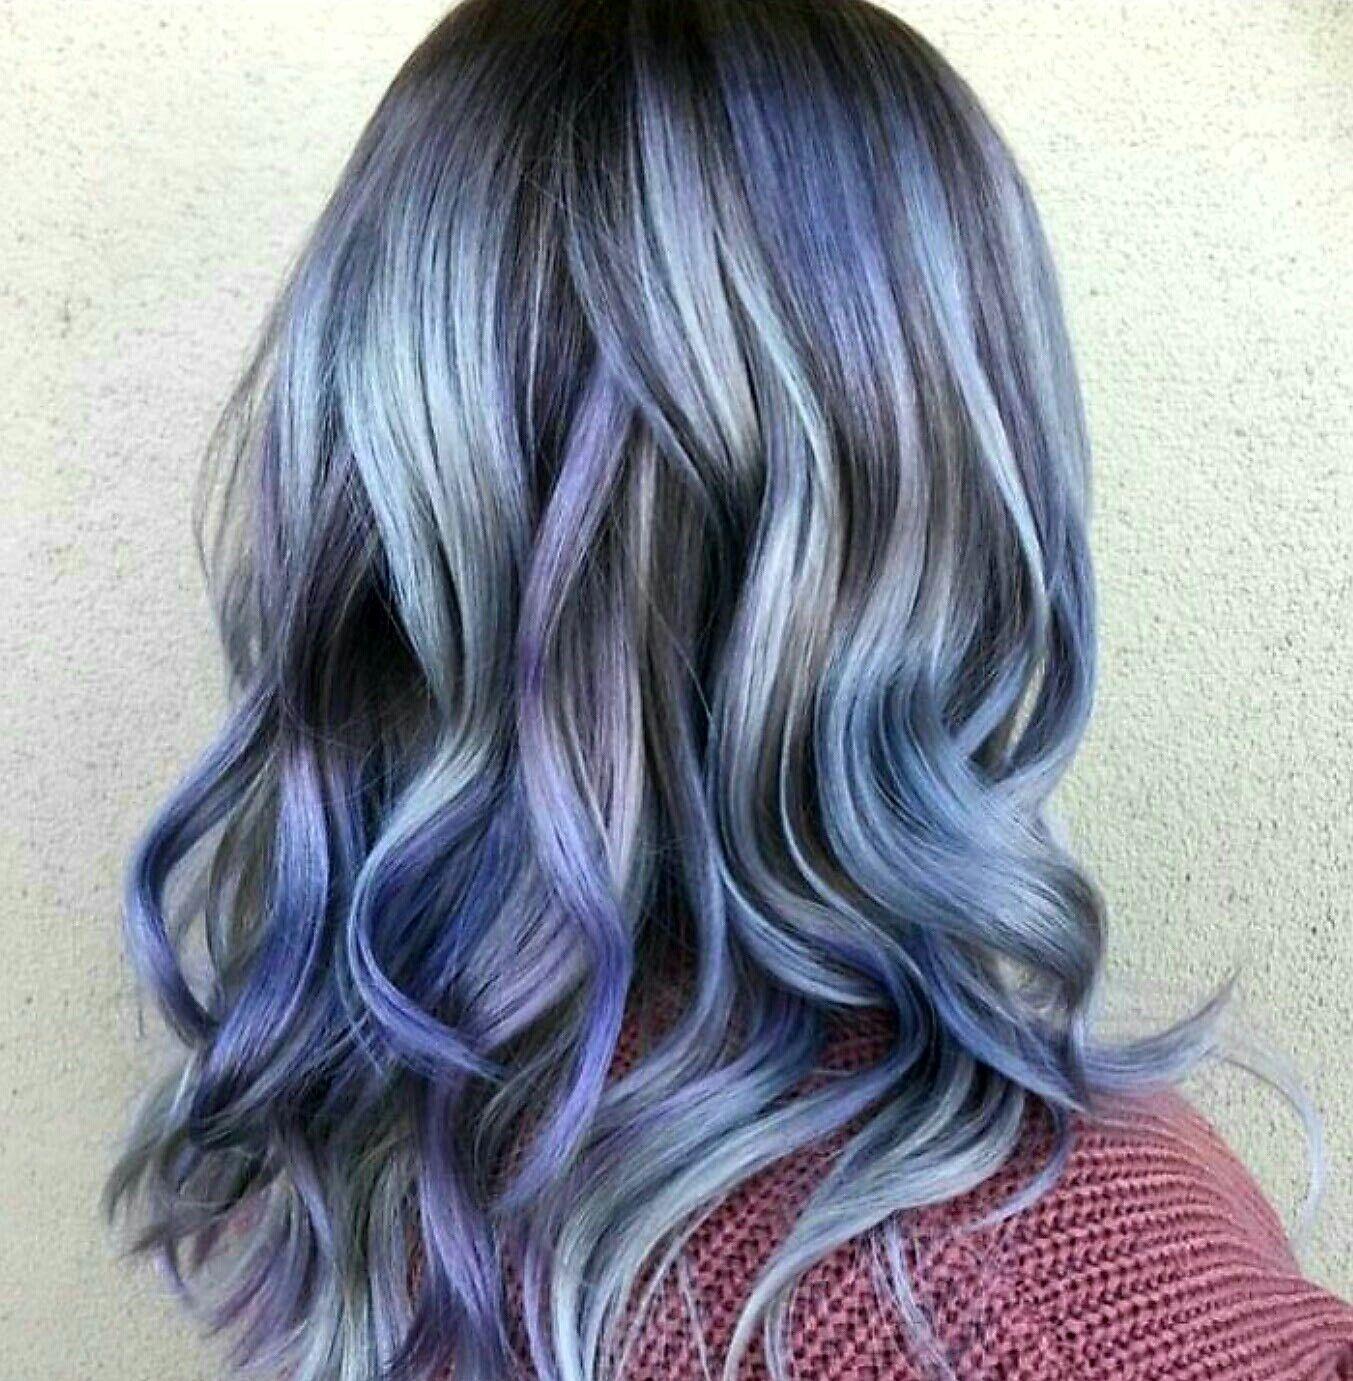 Marbled Dimensional Color By Patrickryan24 Red Violet Hair